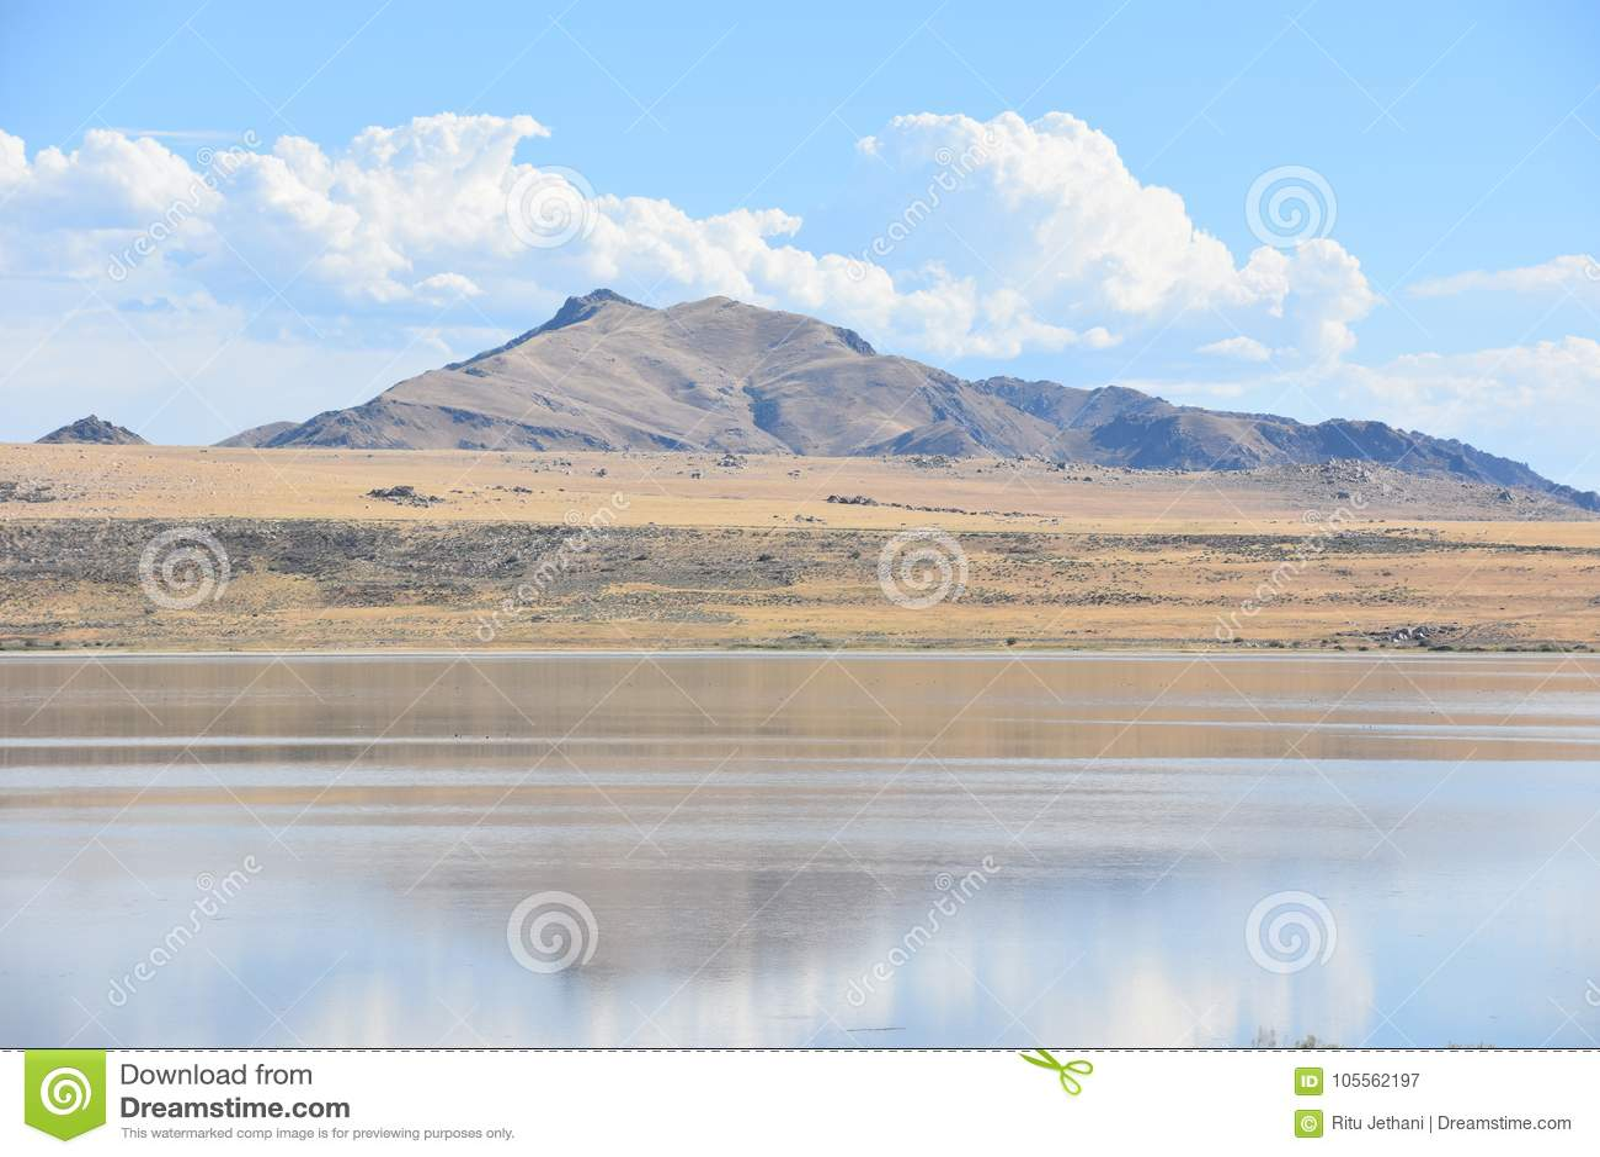 Great Salt Lake In Utah Stock Image Image Of Desert 105562197